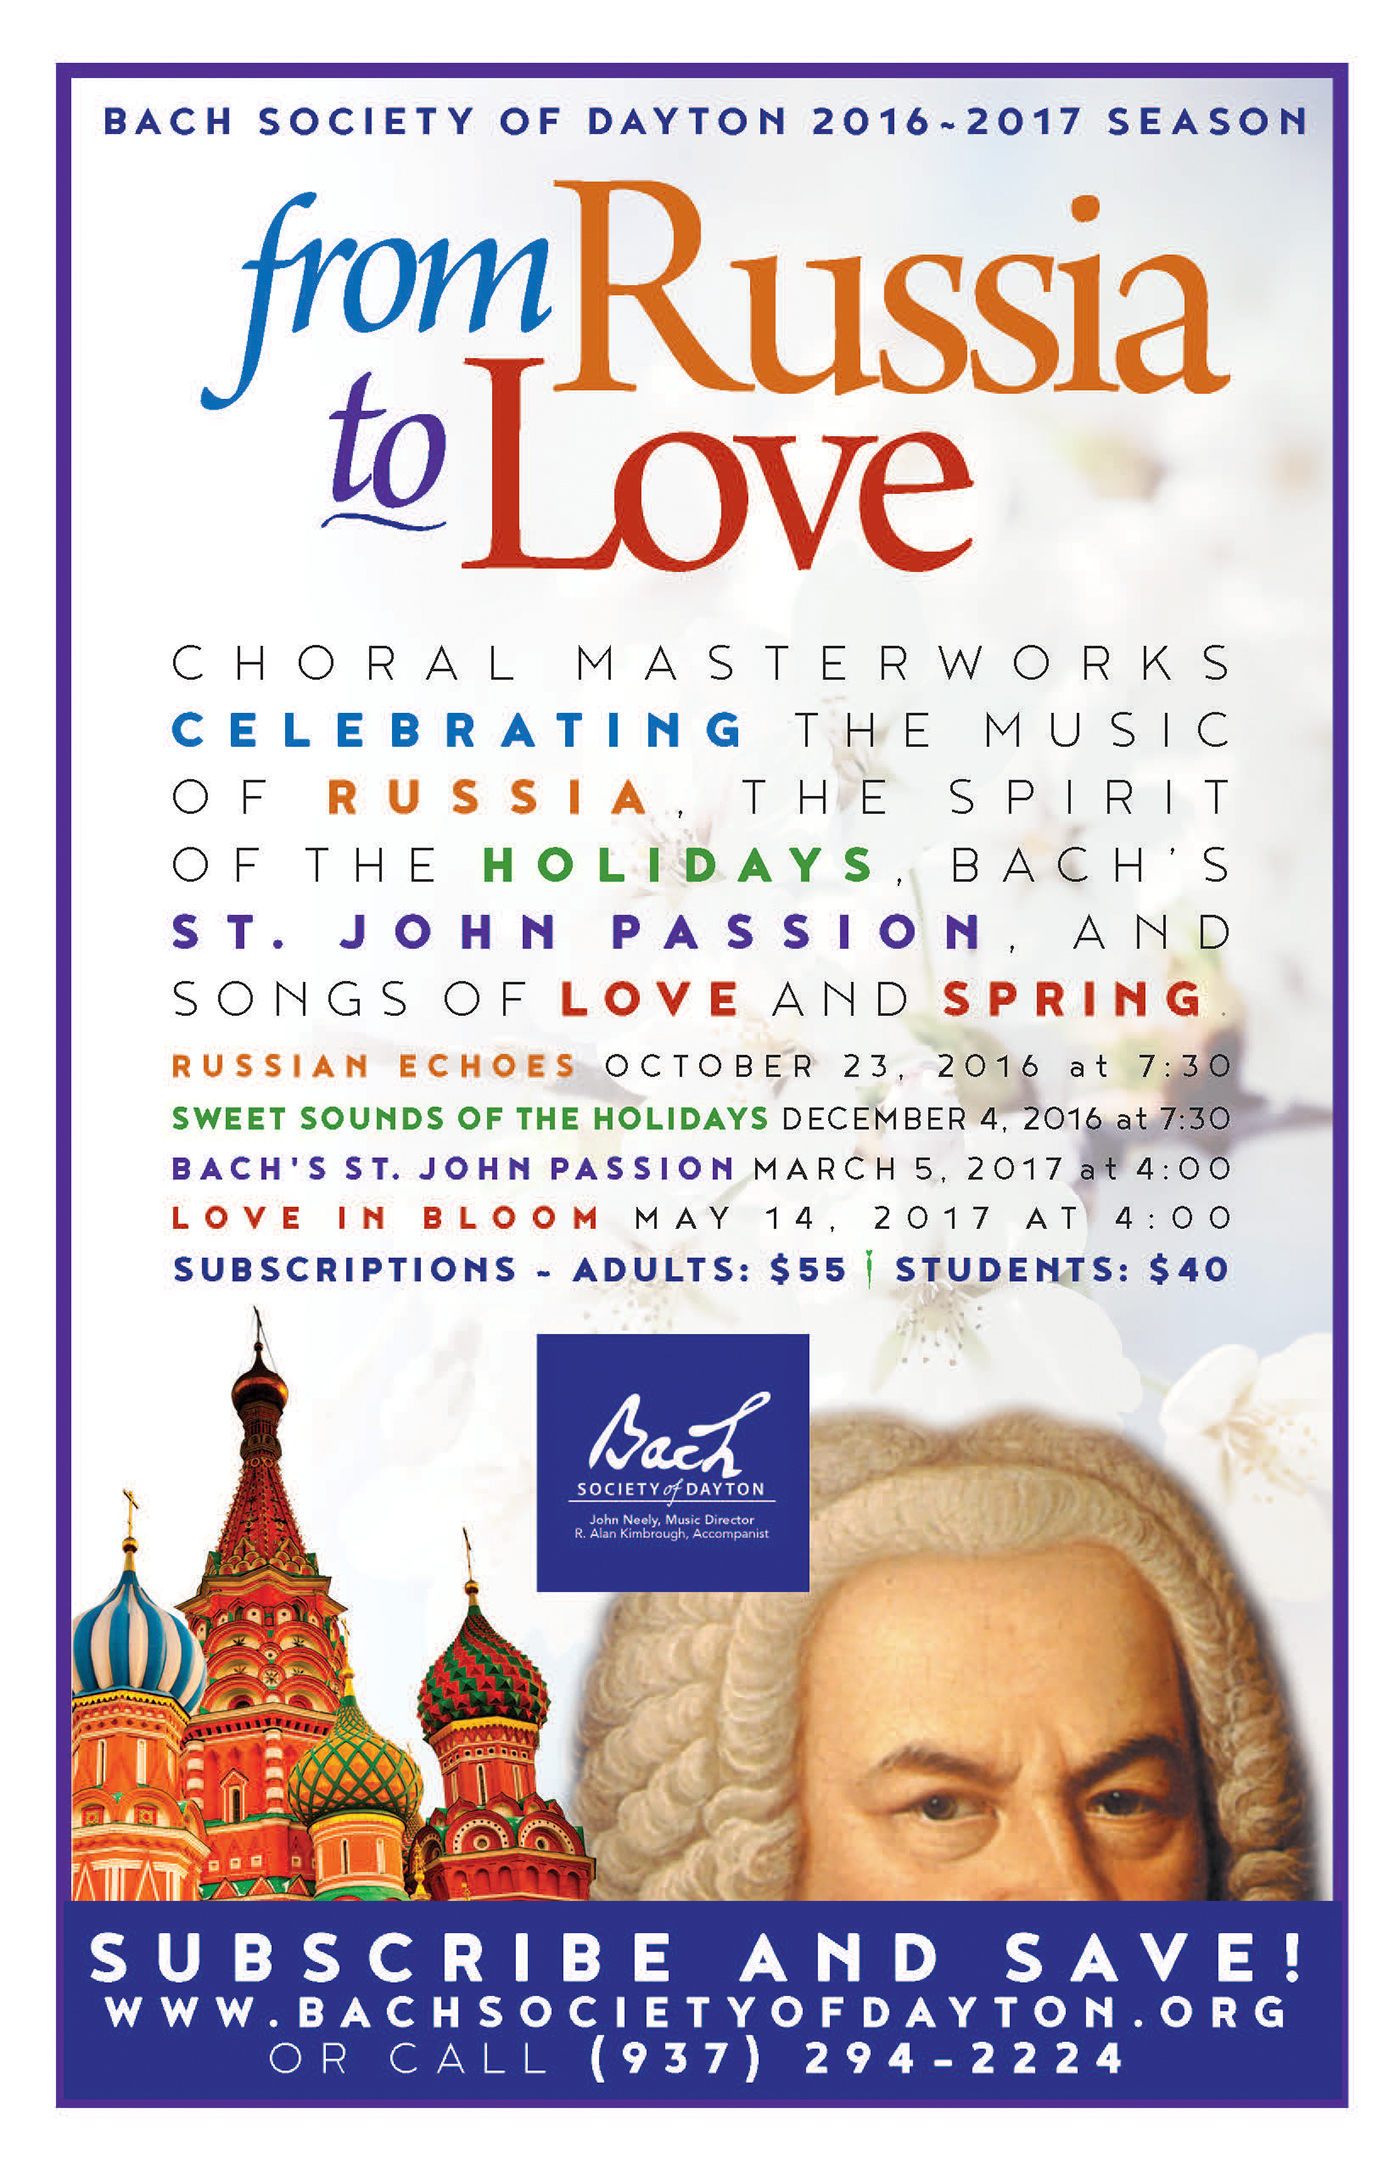 Bach Society of Dayton Rebrand on Behance